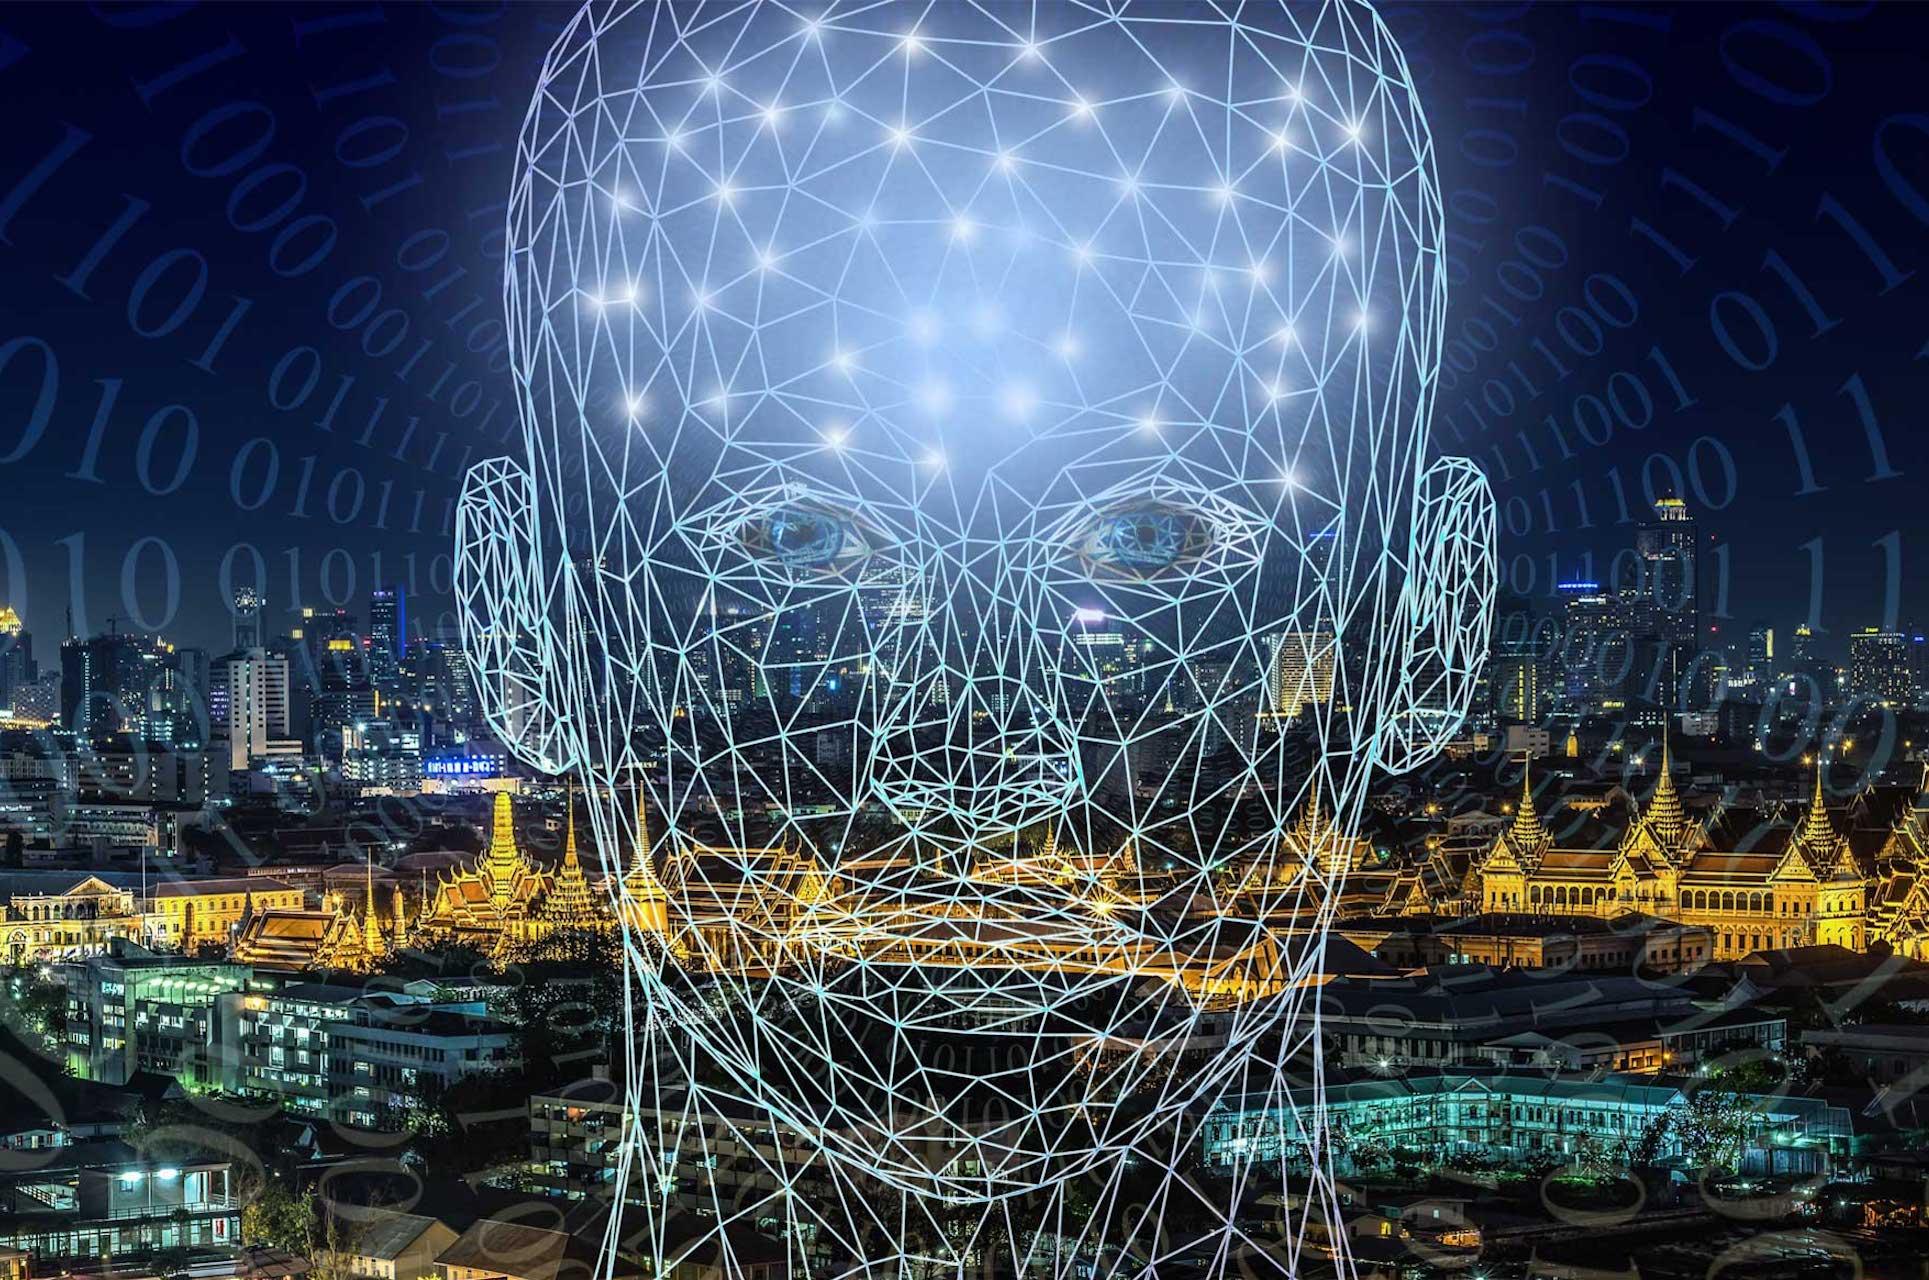 La psicoterapia cambia il cervello_neurobiologia_psicologia_psicoterapia